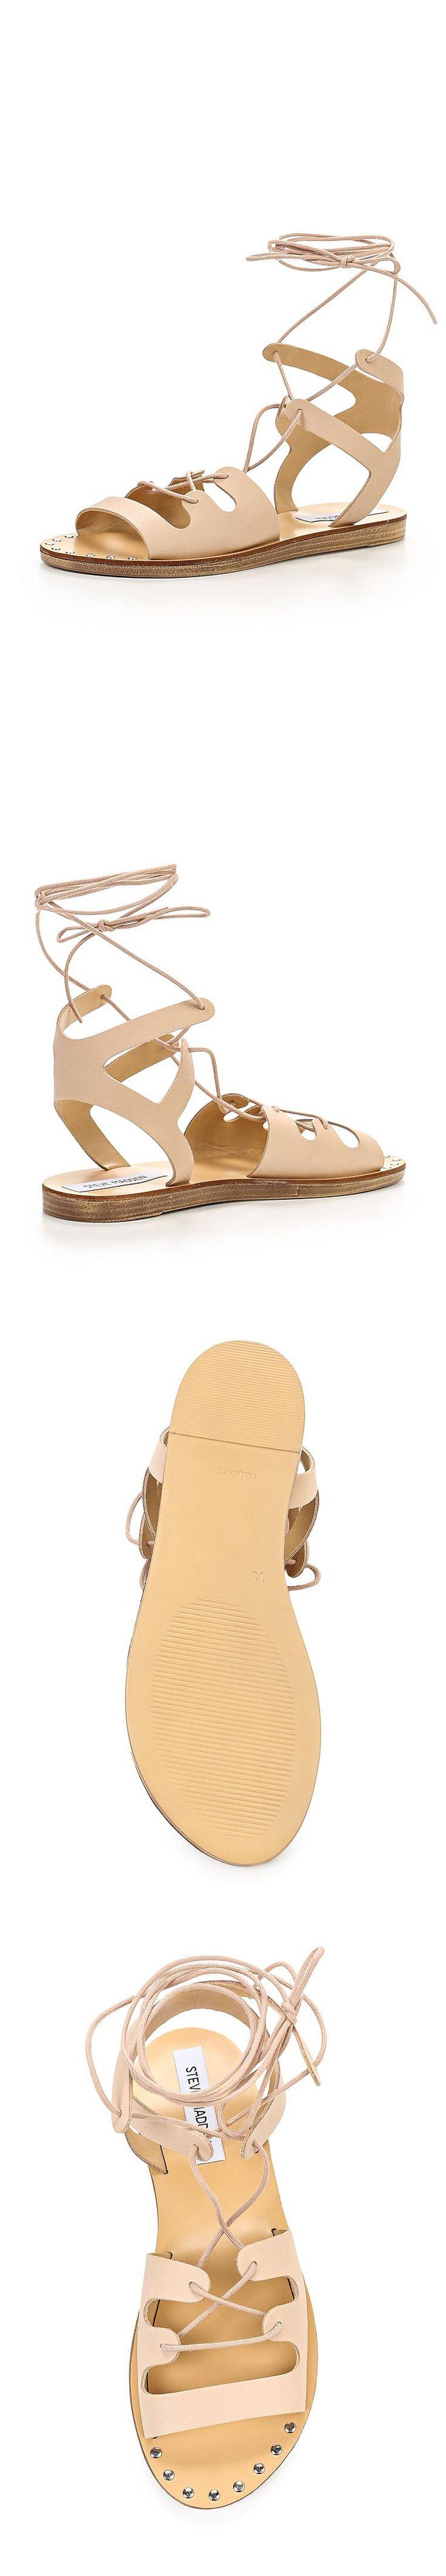 Женская обувь сандалии Mango за 1299.00 руб.